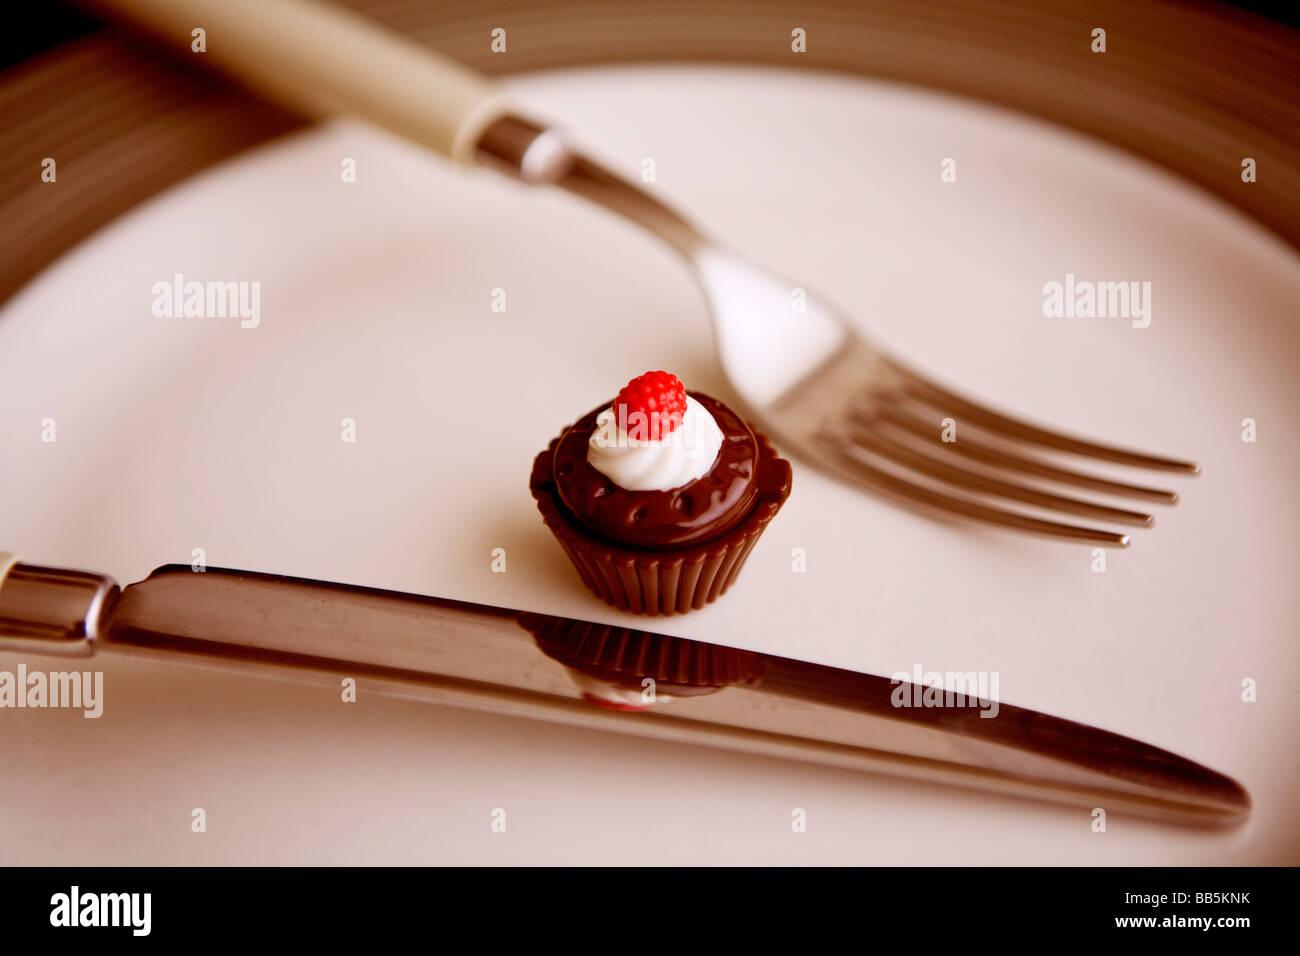 eine winzig kleine Cupcake auf dem Teller Stockbild